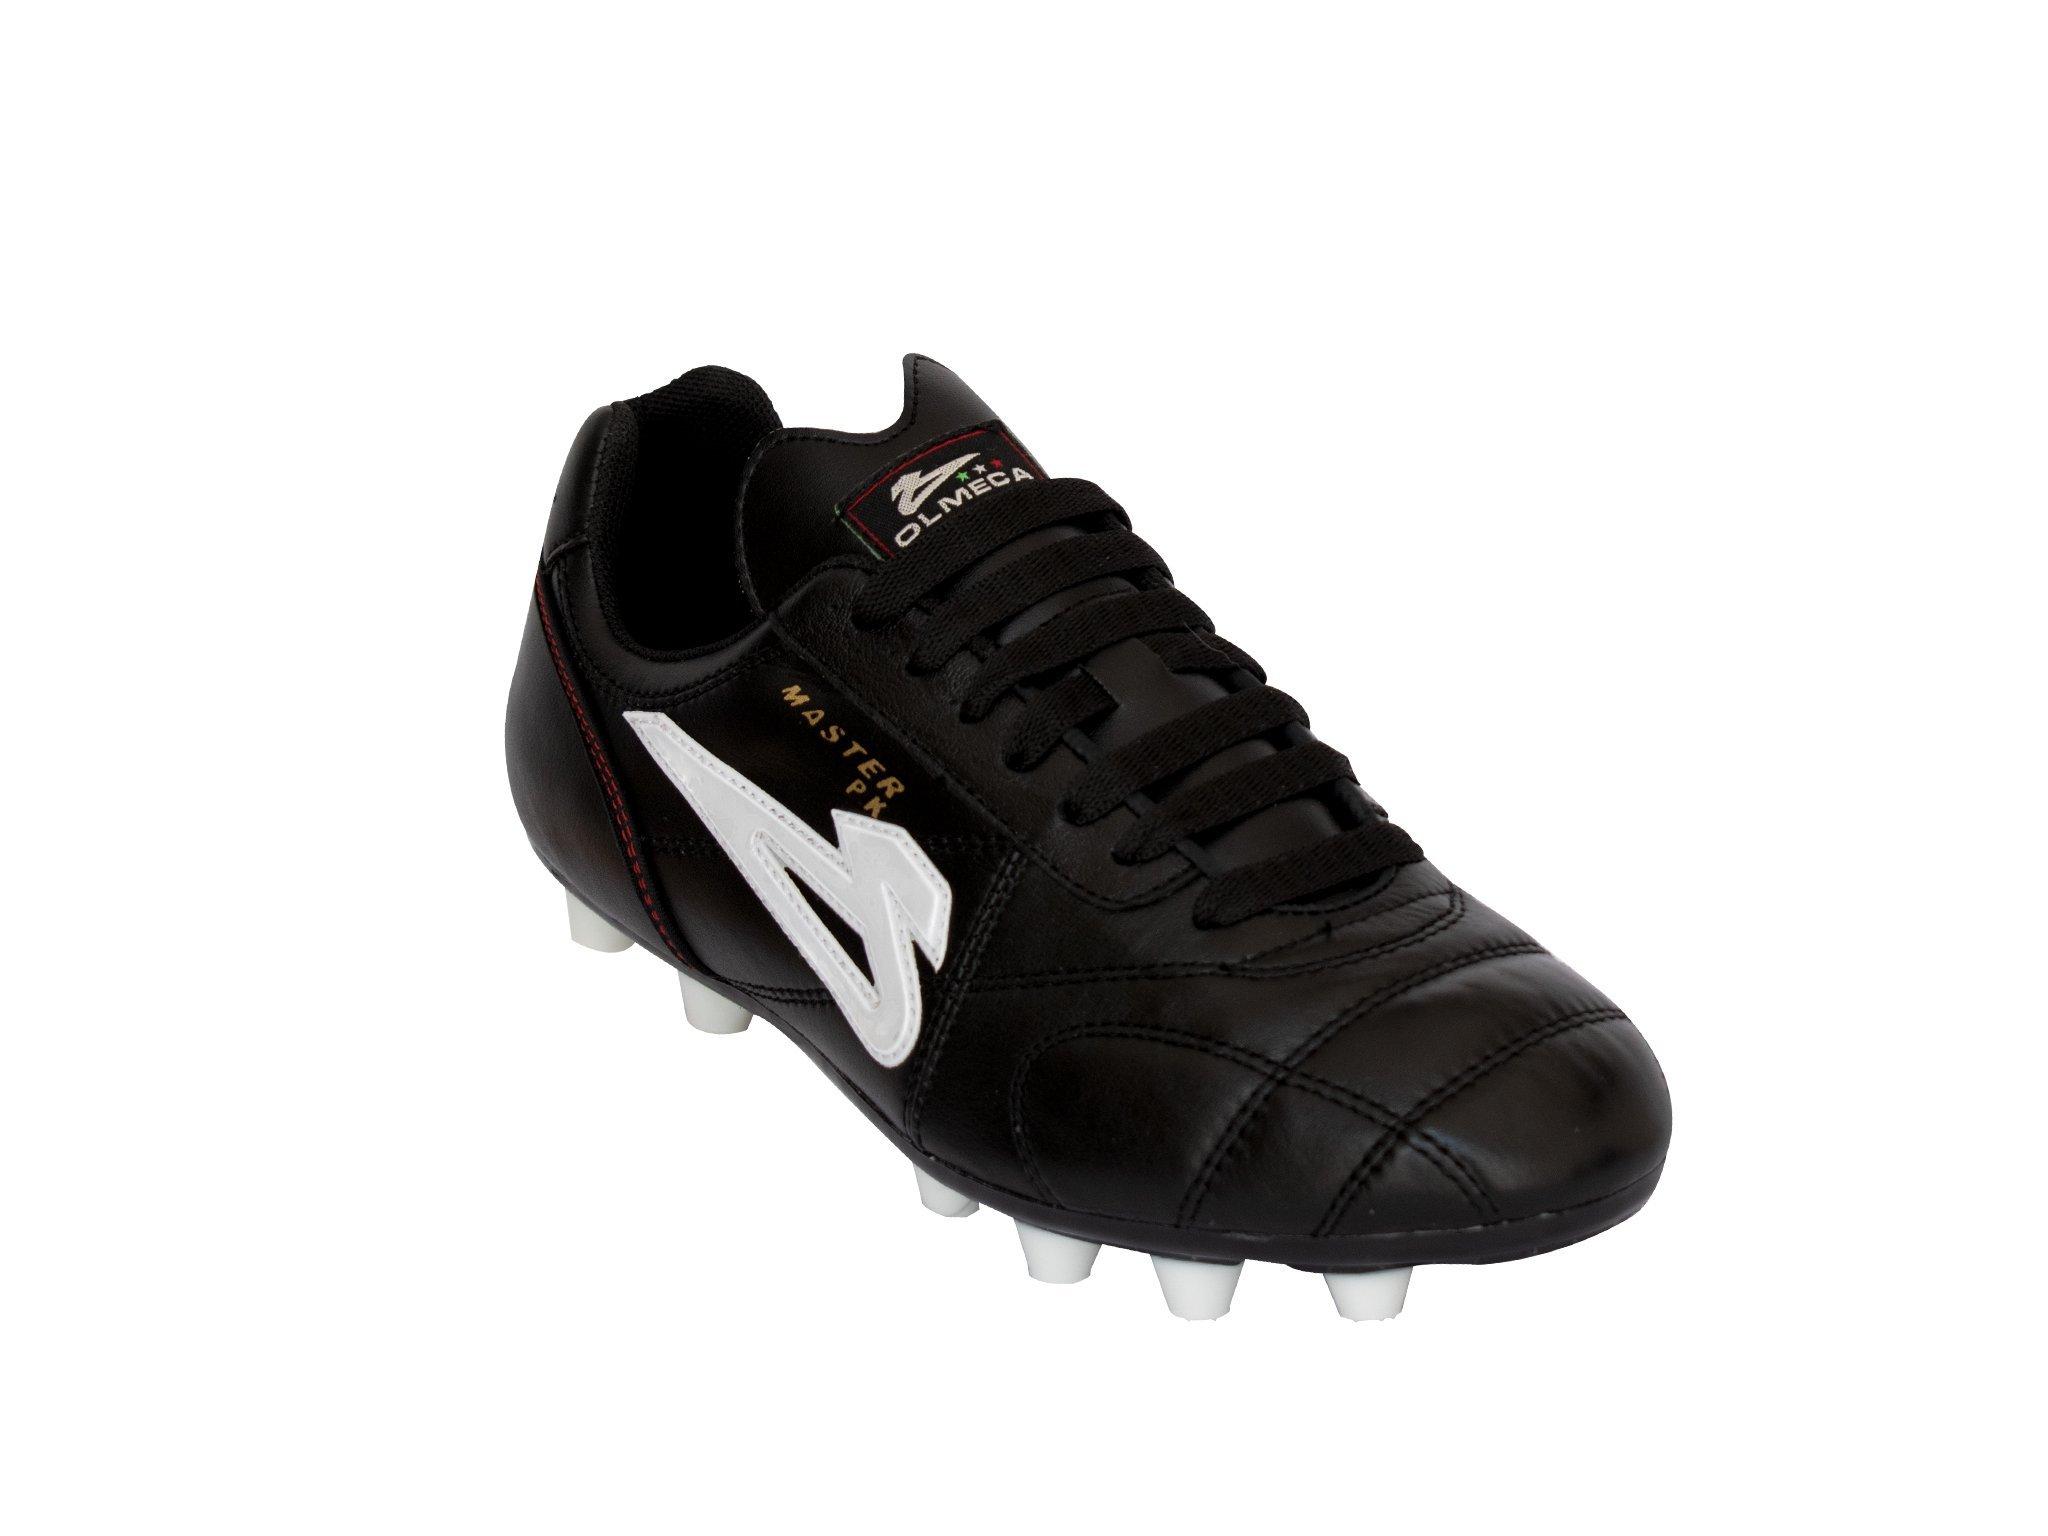 Zapato de fútbol Olmeca mod. master pk negro piel de canguro